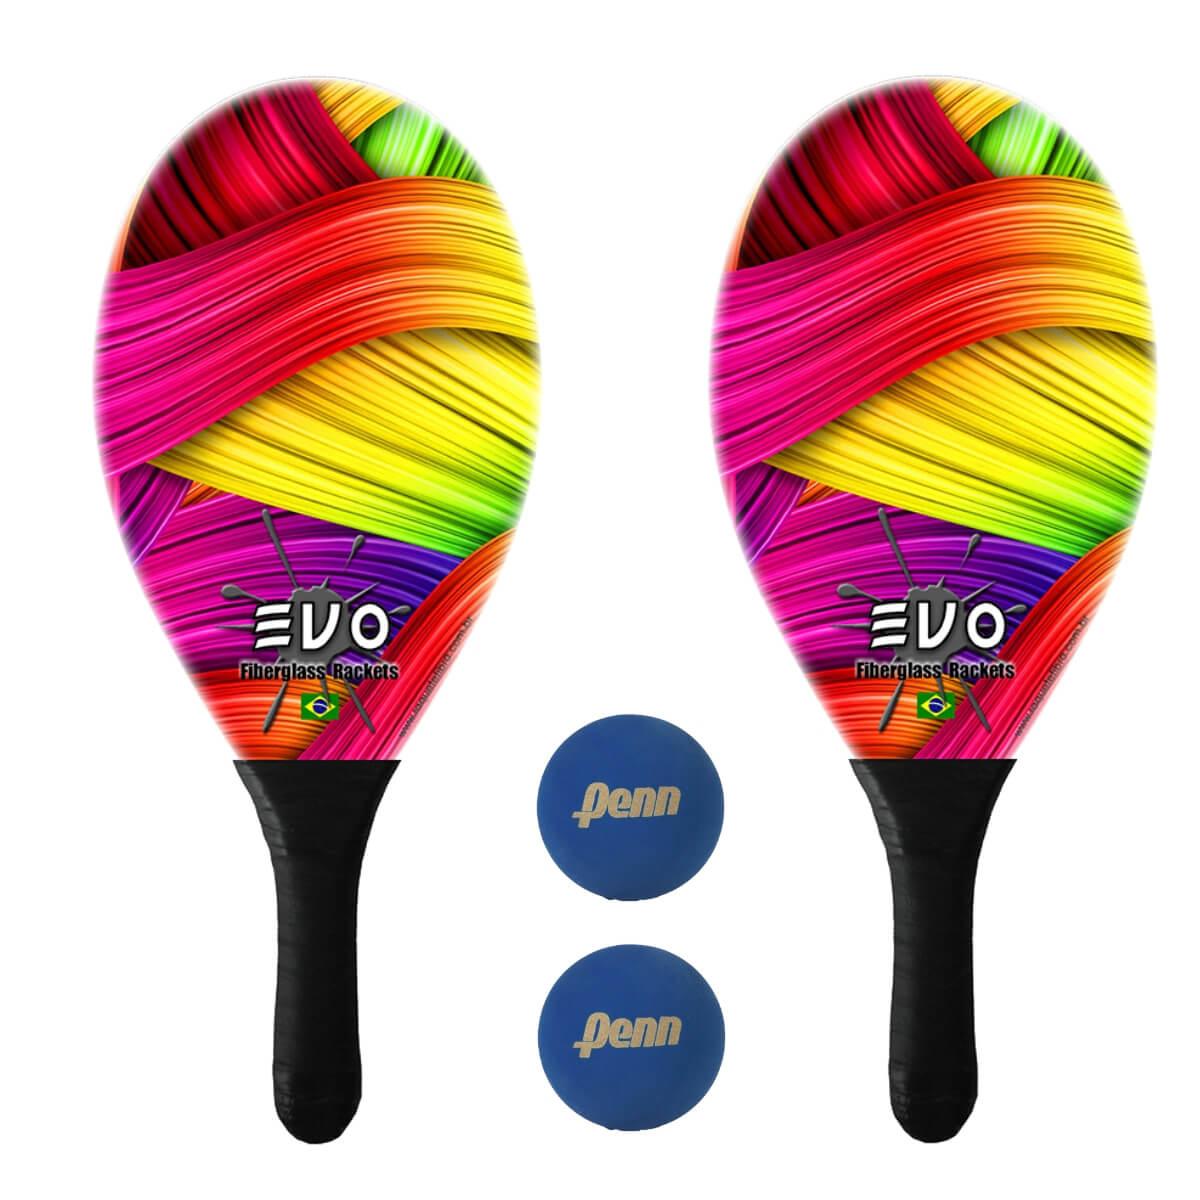 Kit Raquetes Frescobol Evo Fibra Vidro Color com 2 Bolas Penn